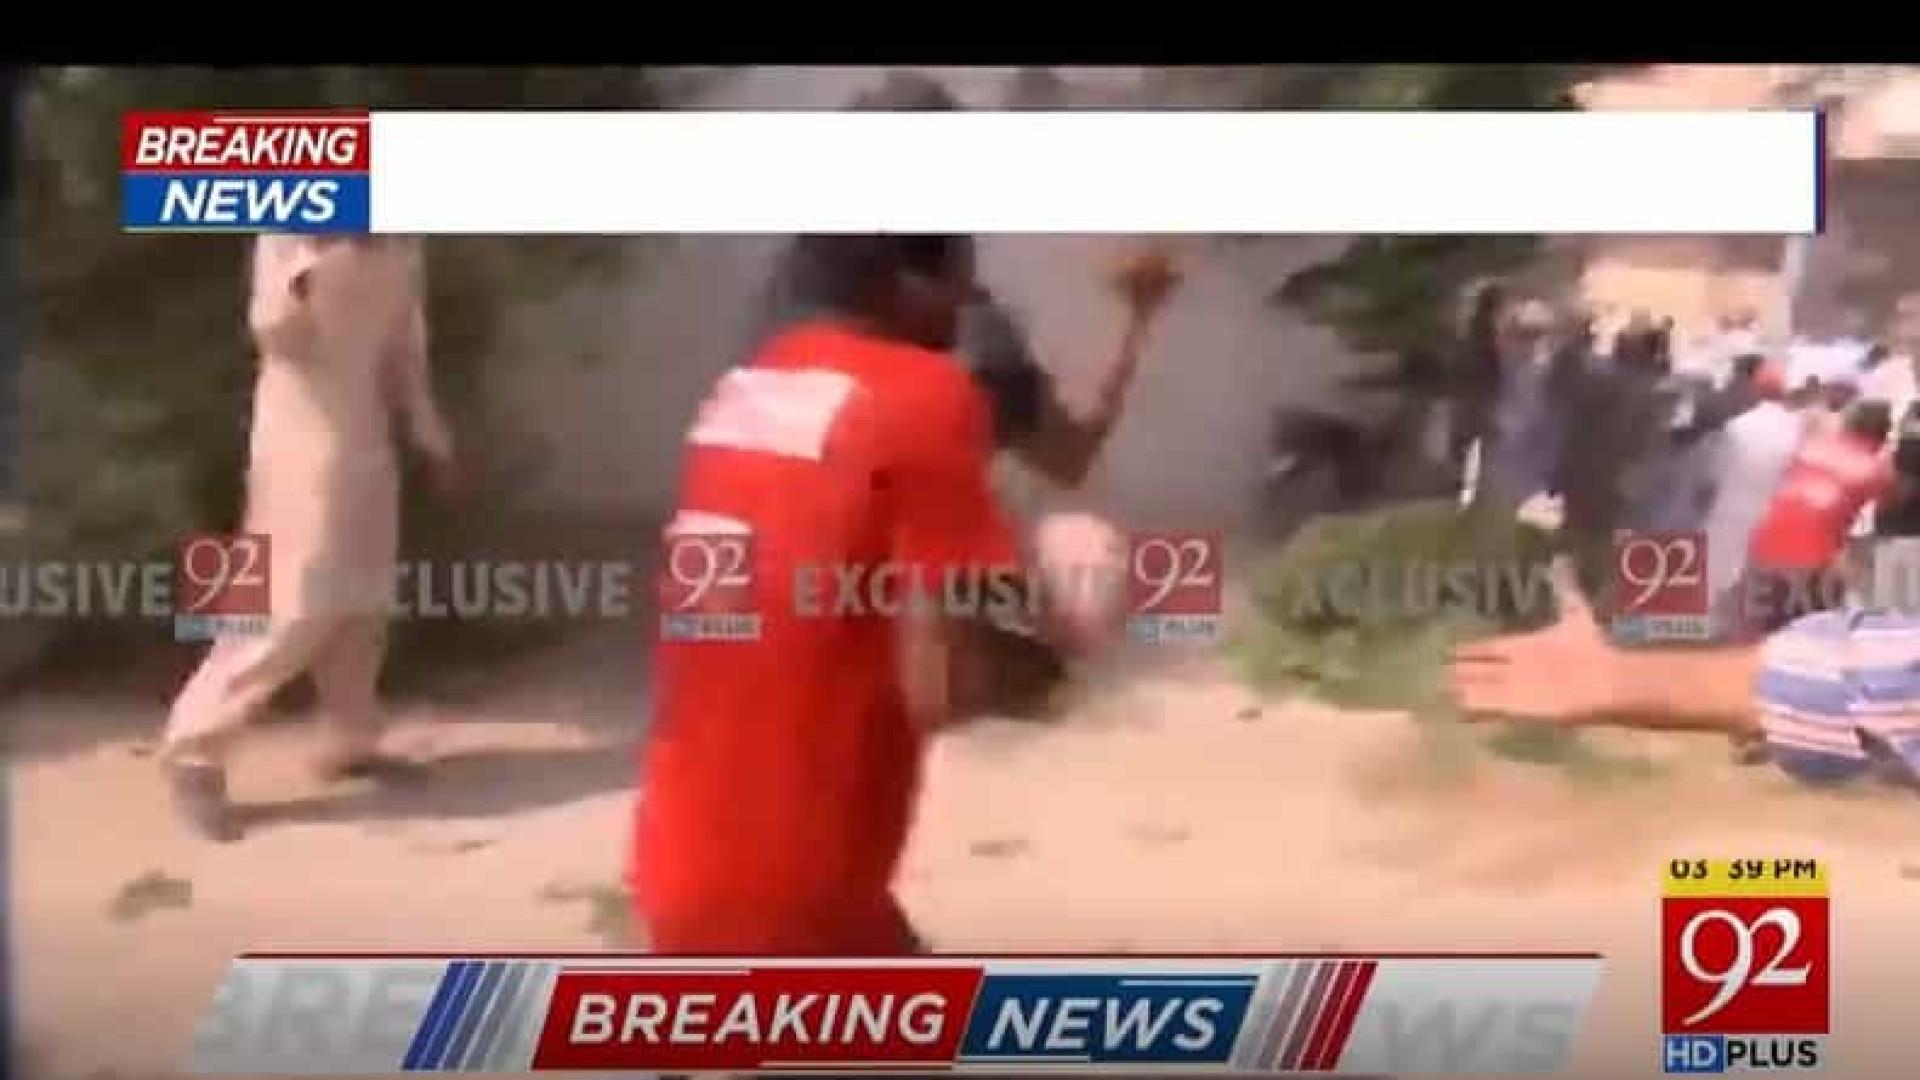 Bebê é retirado com vida de escombros do avião que caiu no Paquistão